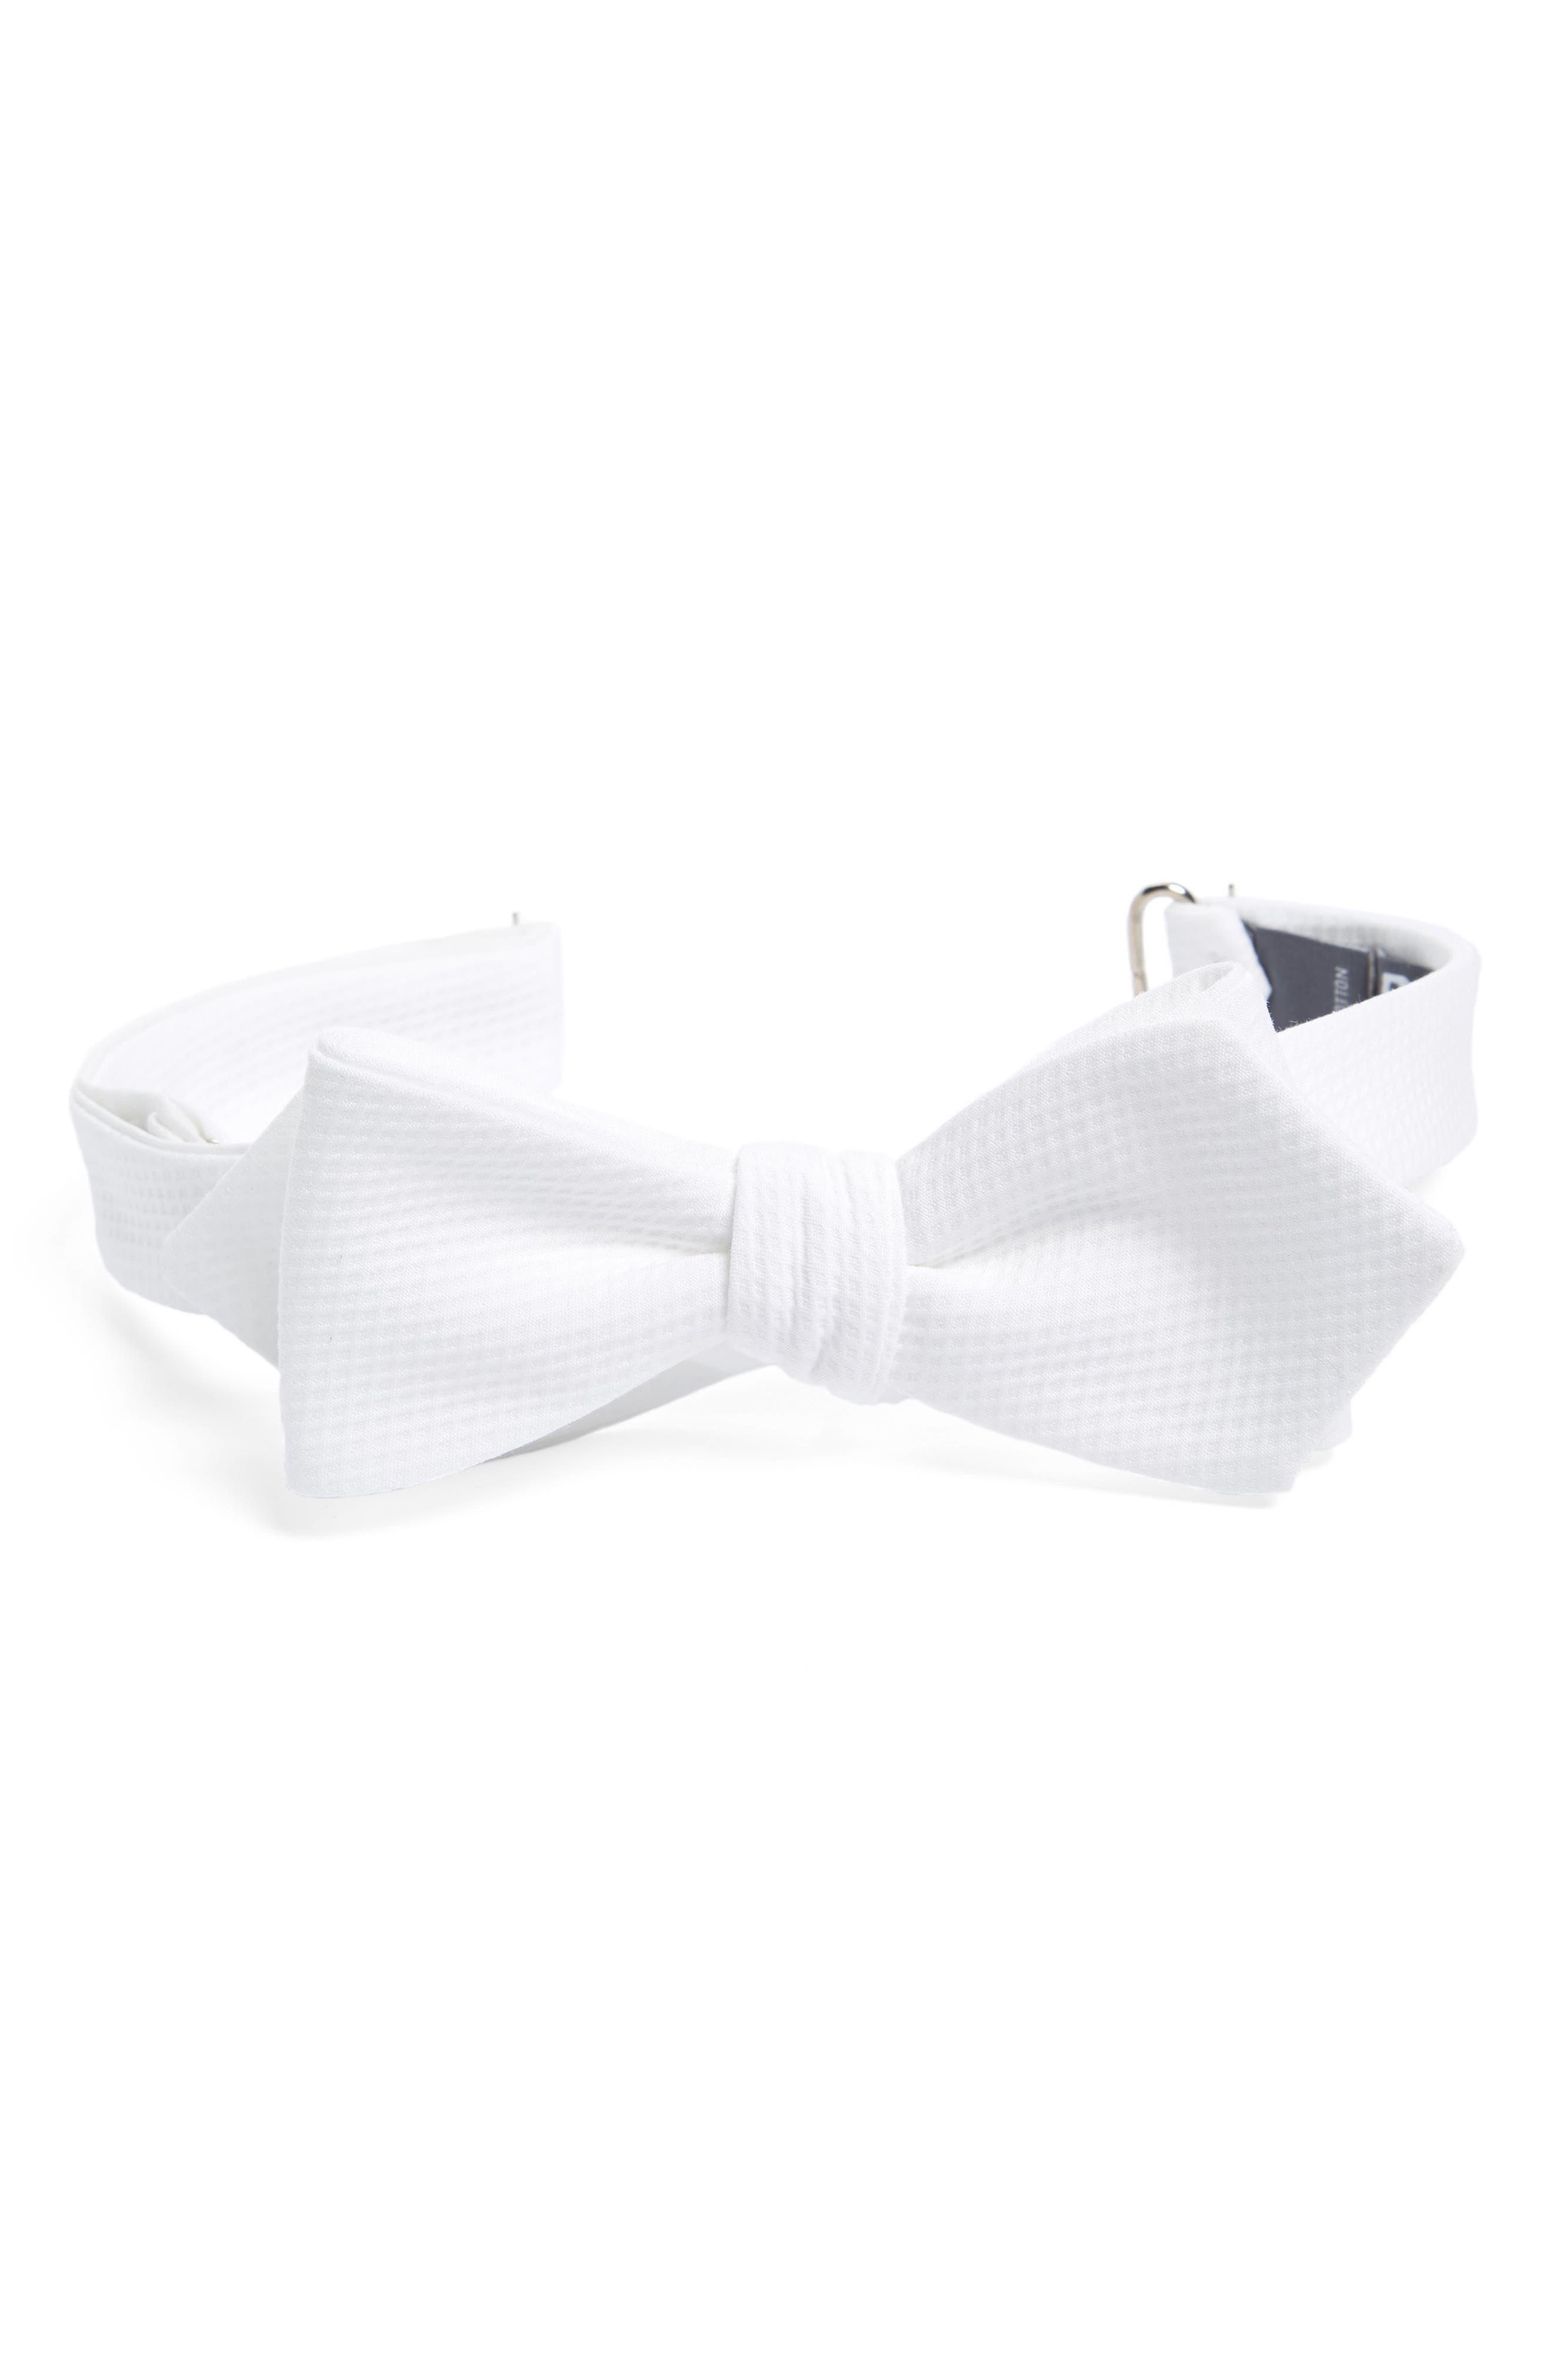 Piqué Cotton Bow Tie,                             Main thumbnail 1, color,                             WHITE